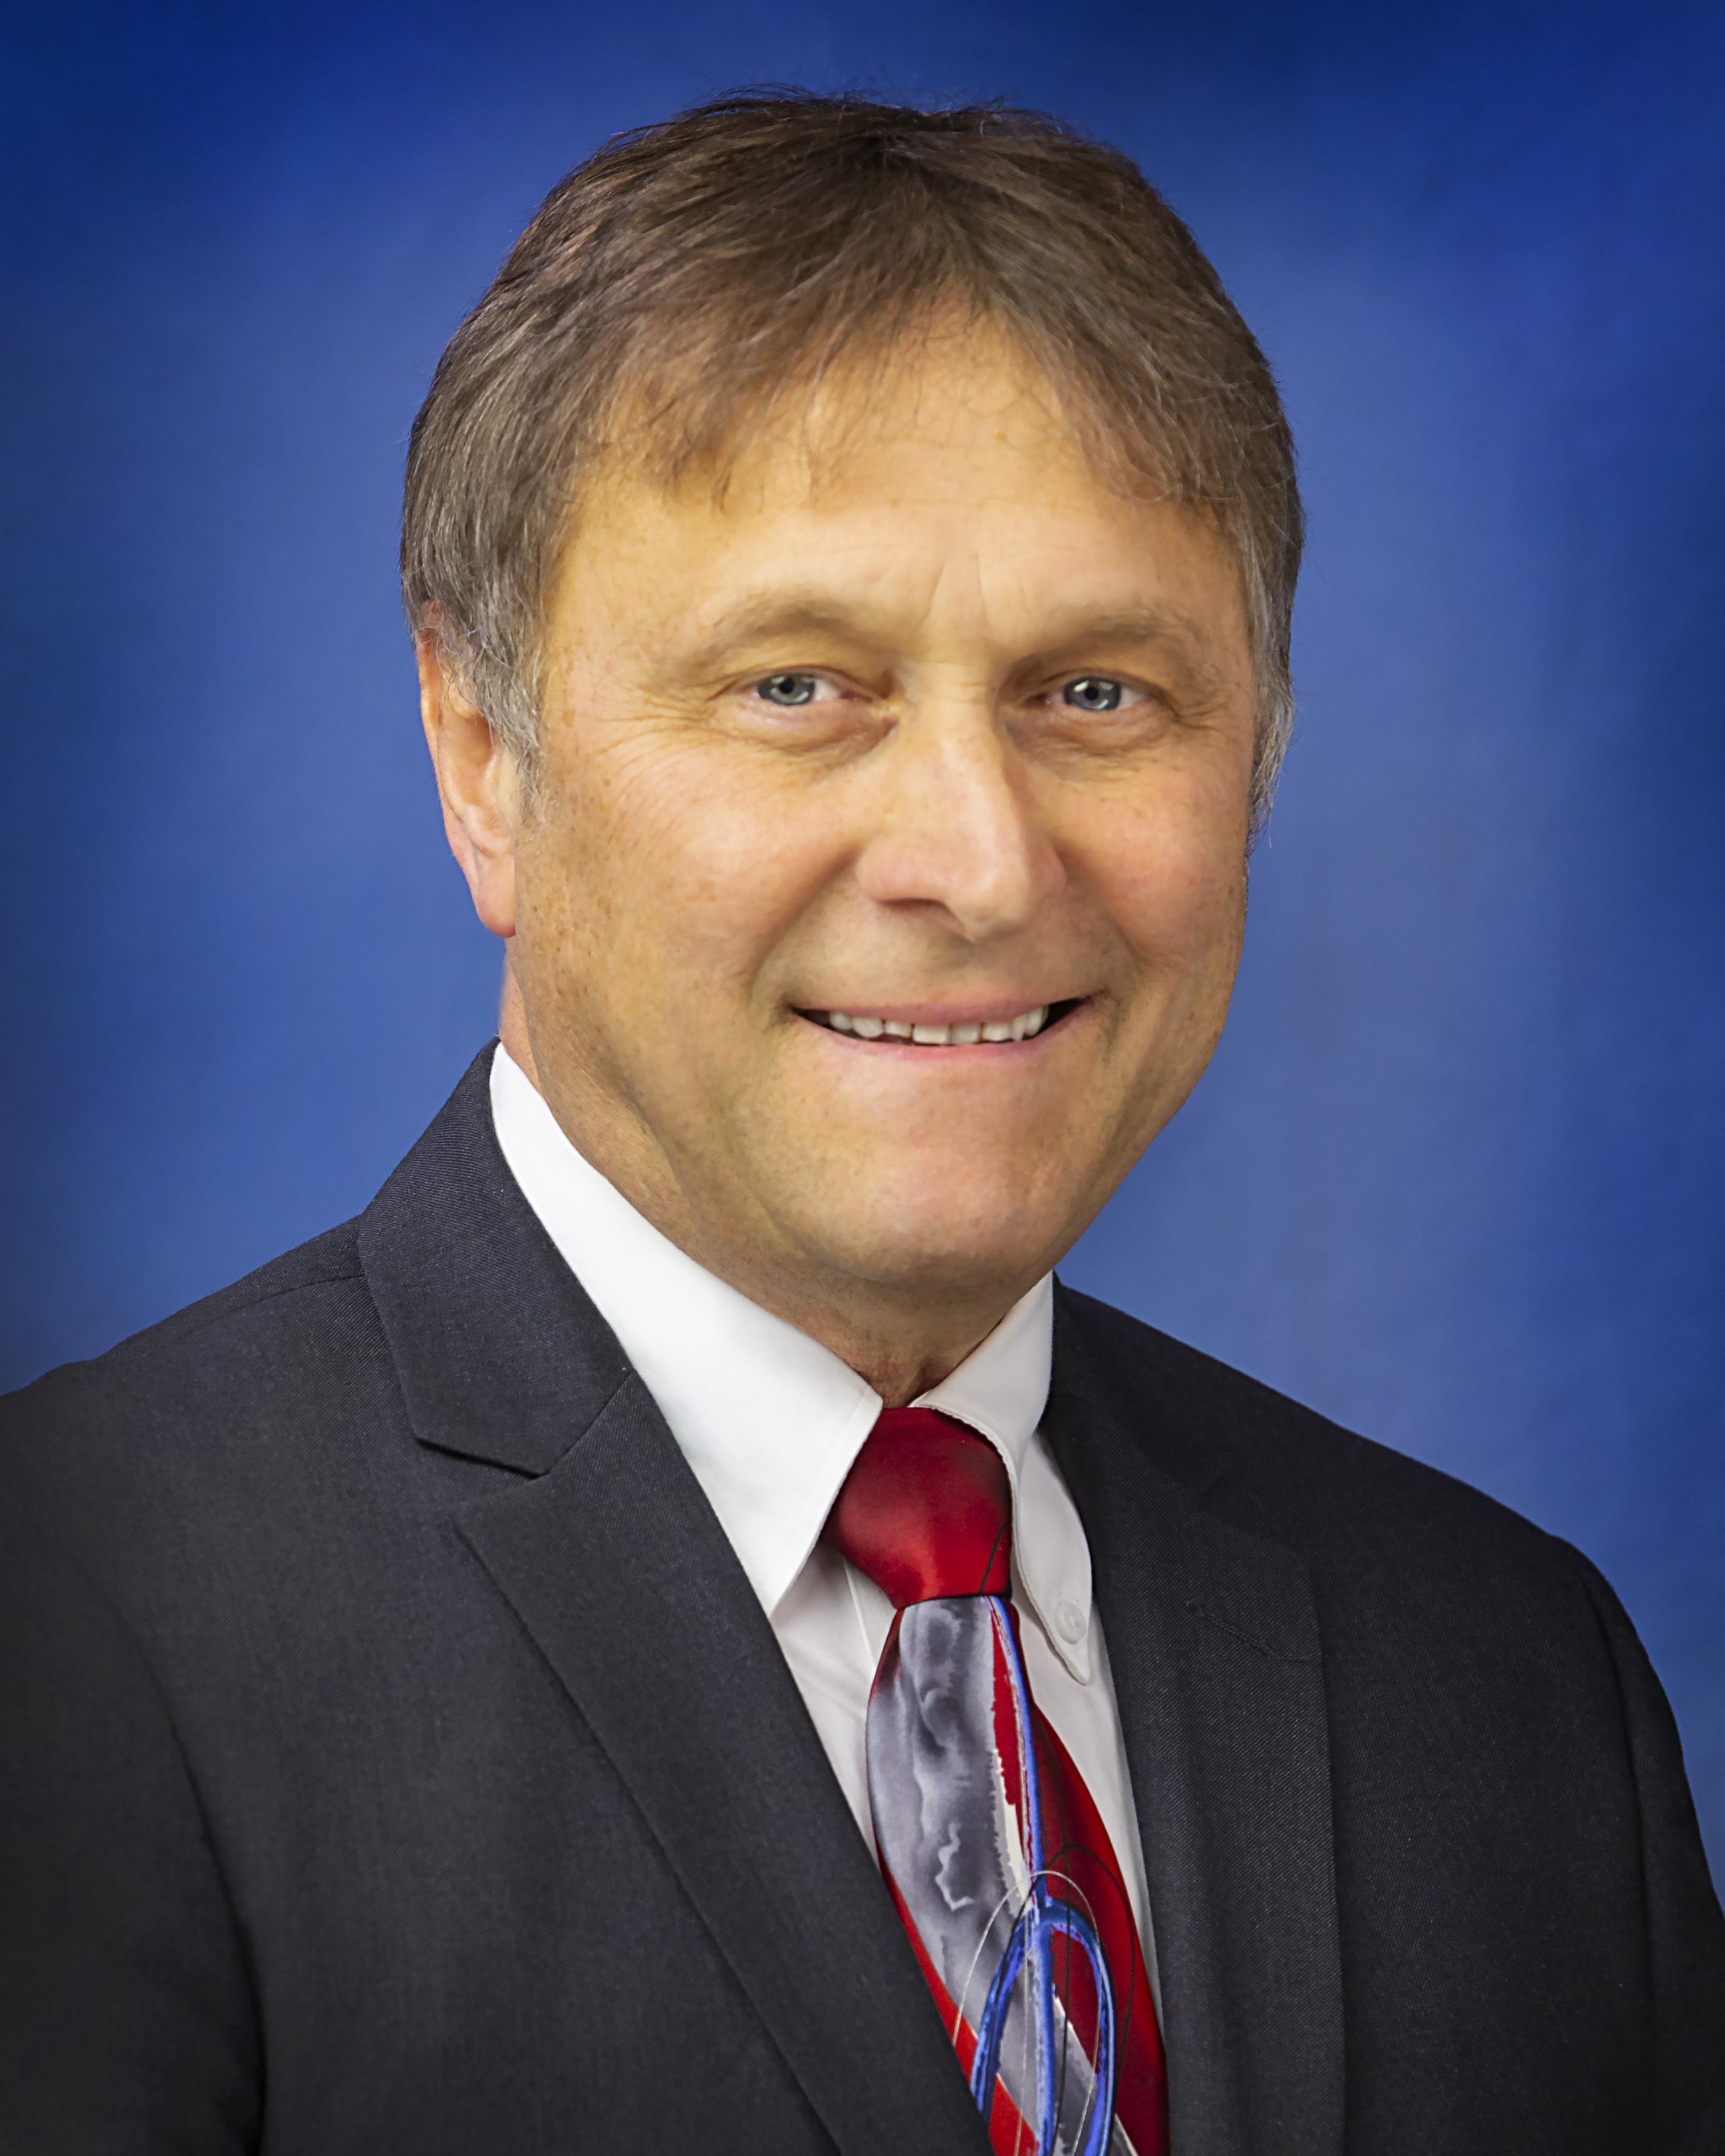 Dennis Hentzen